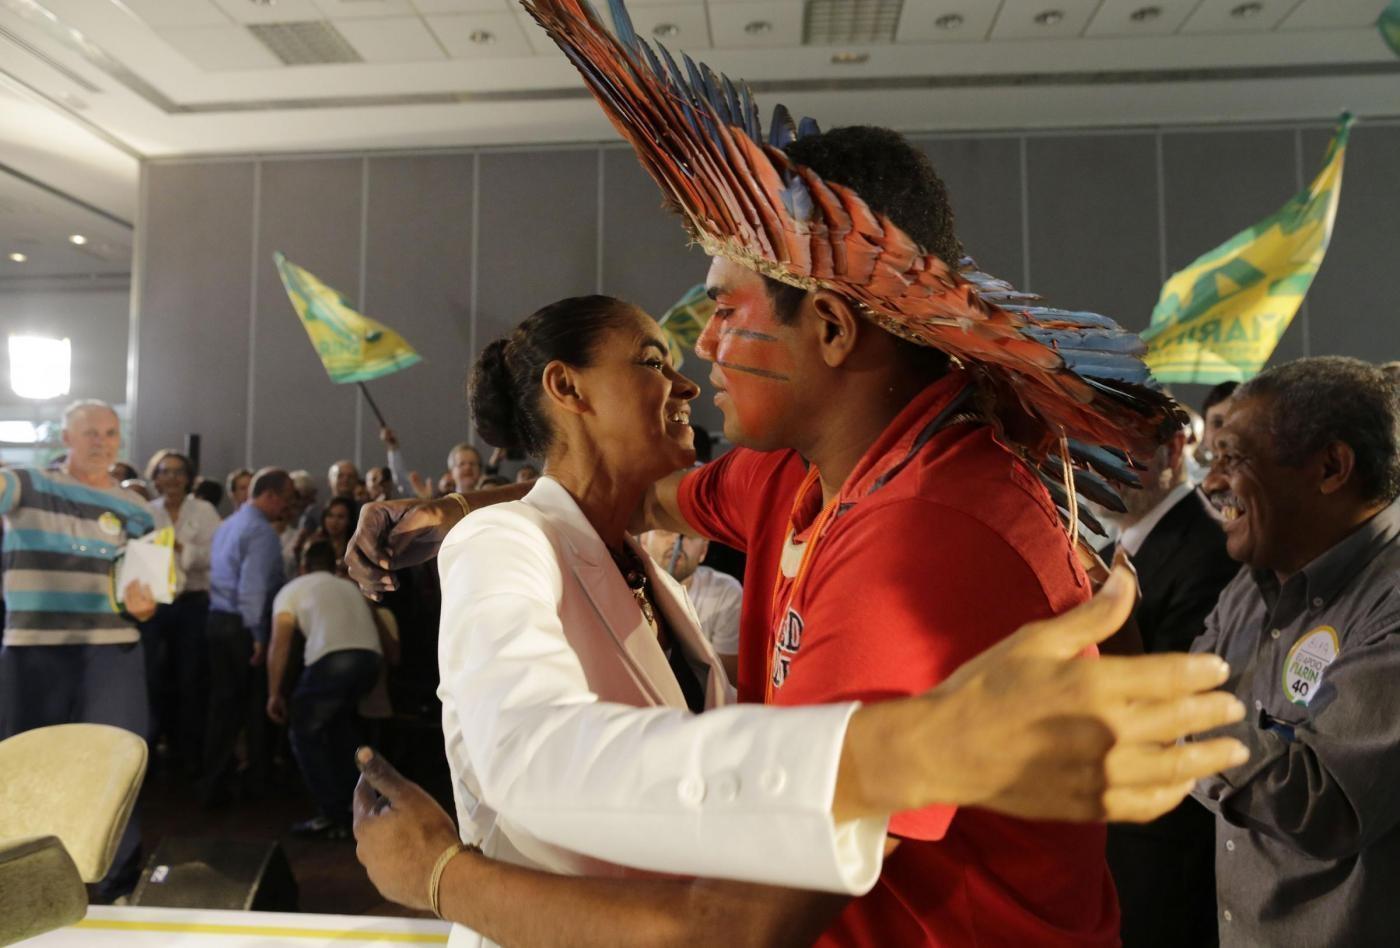 Elezioni presidenziali Brasile 2014: una 'Silva' di contraddizioni